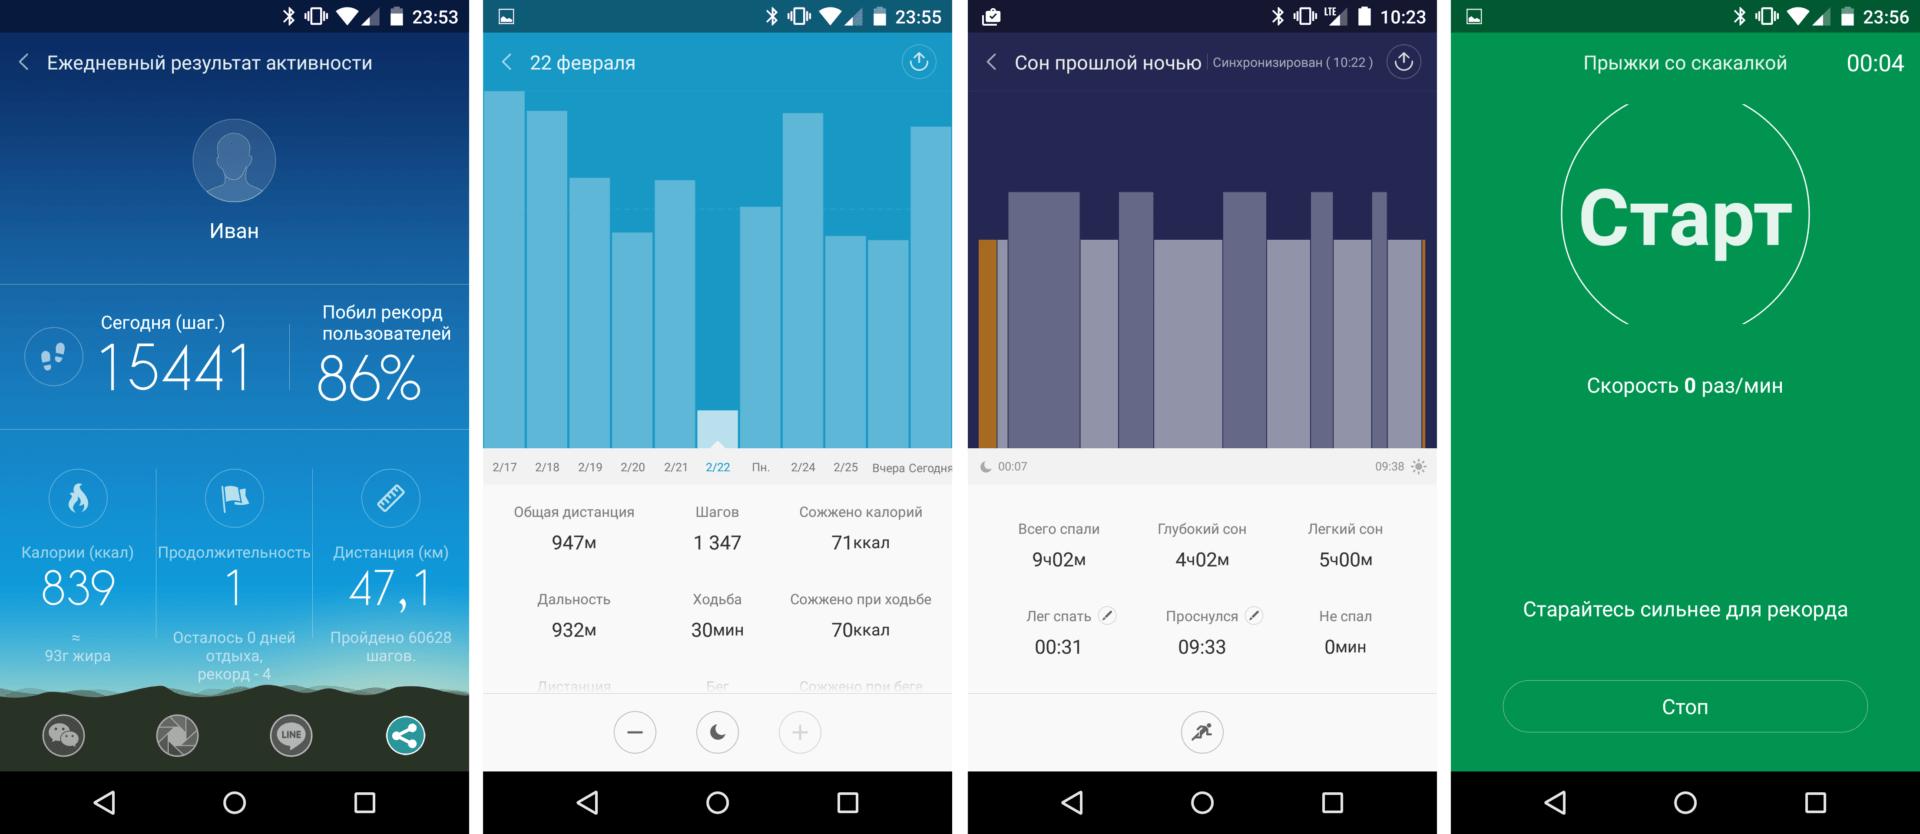 Приложение Mi Fit и прошивка часов